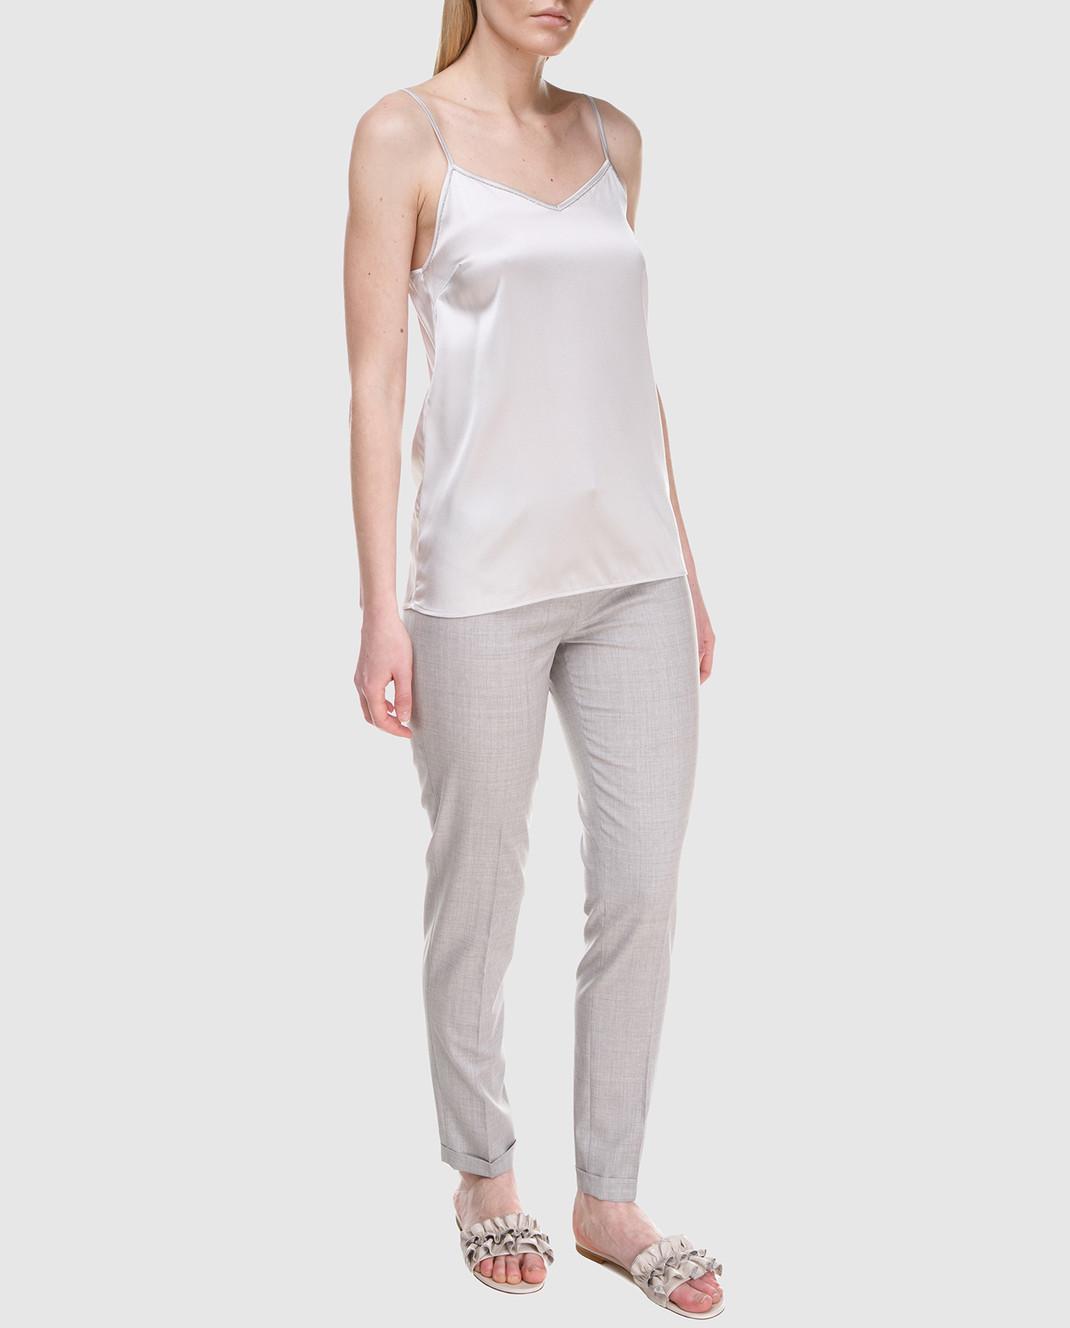 Fabiana Filippi Серые брюки из шерсти PG70118 изображение 2